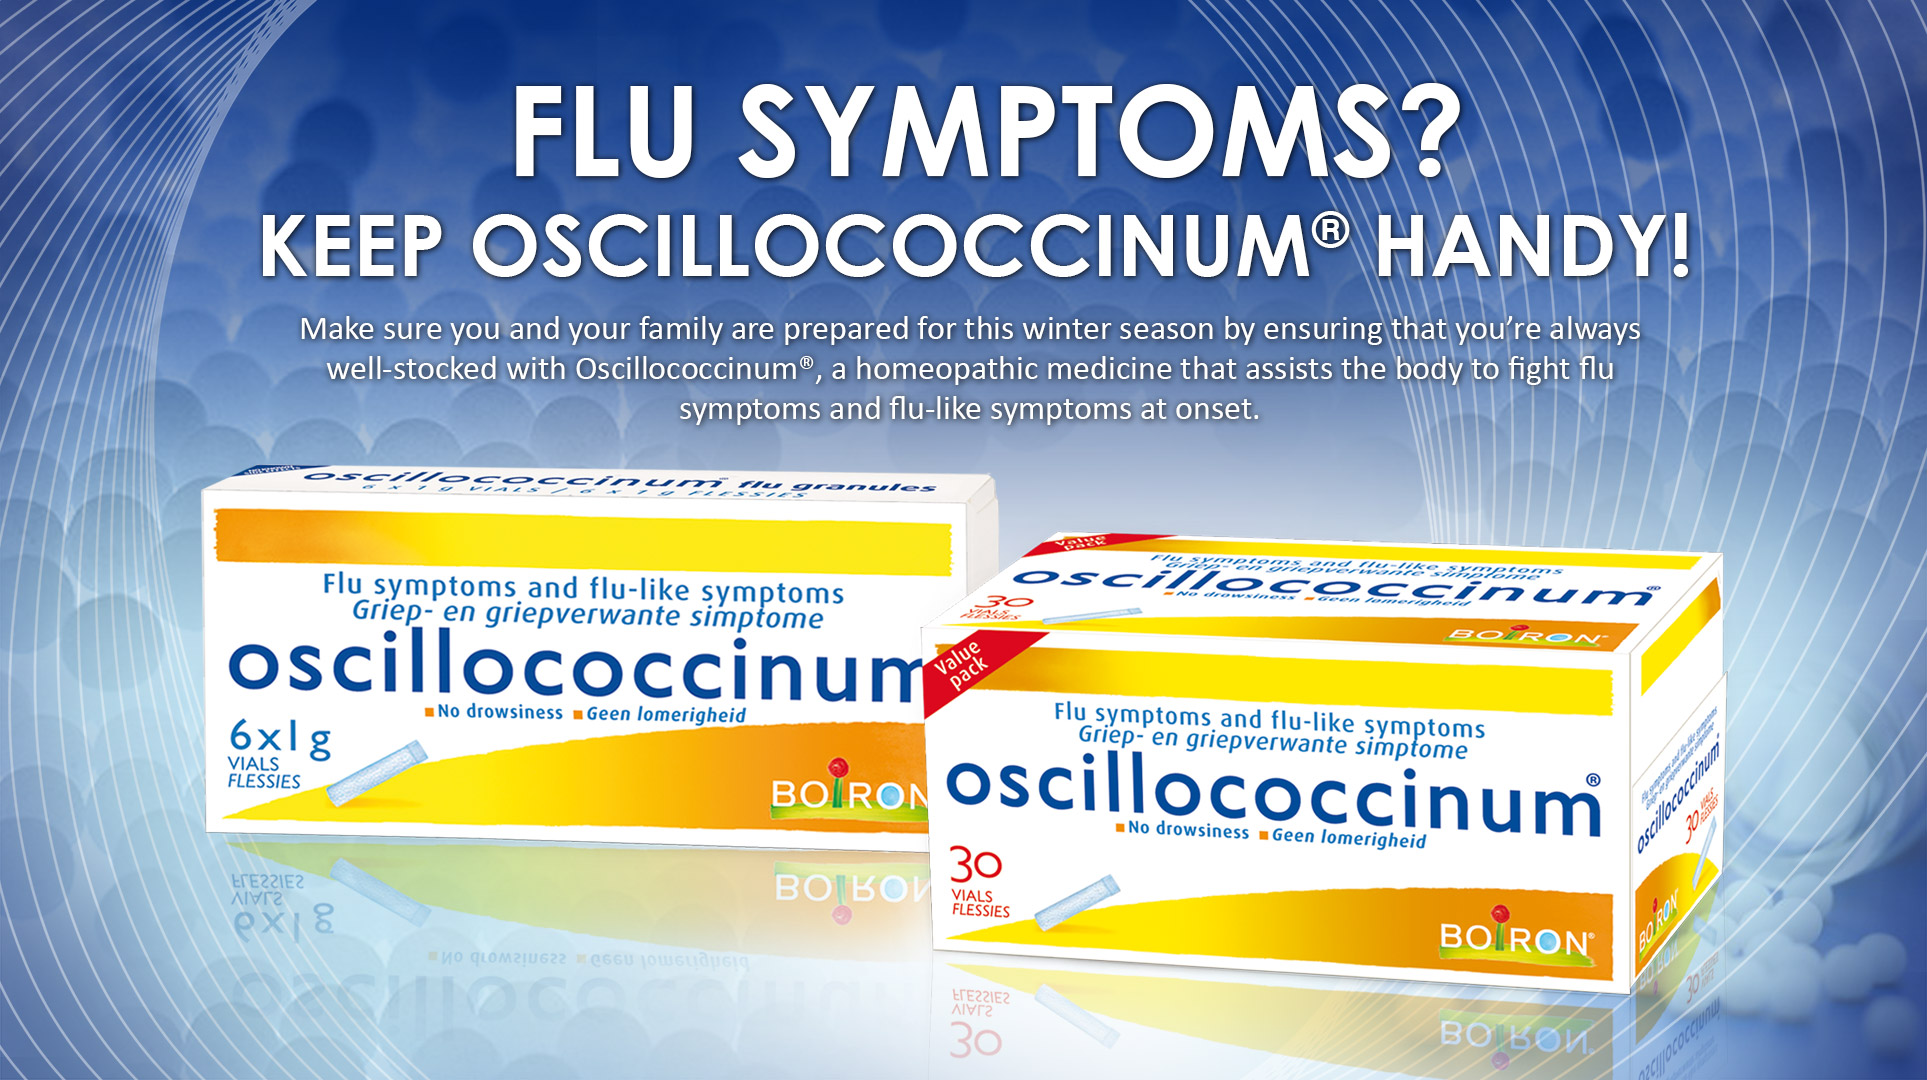 Fight Flu Symptoms